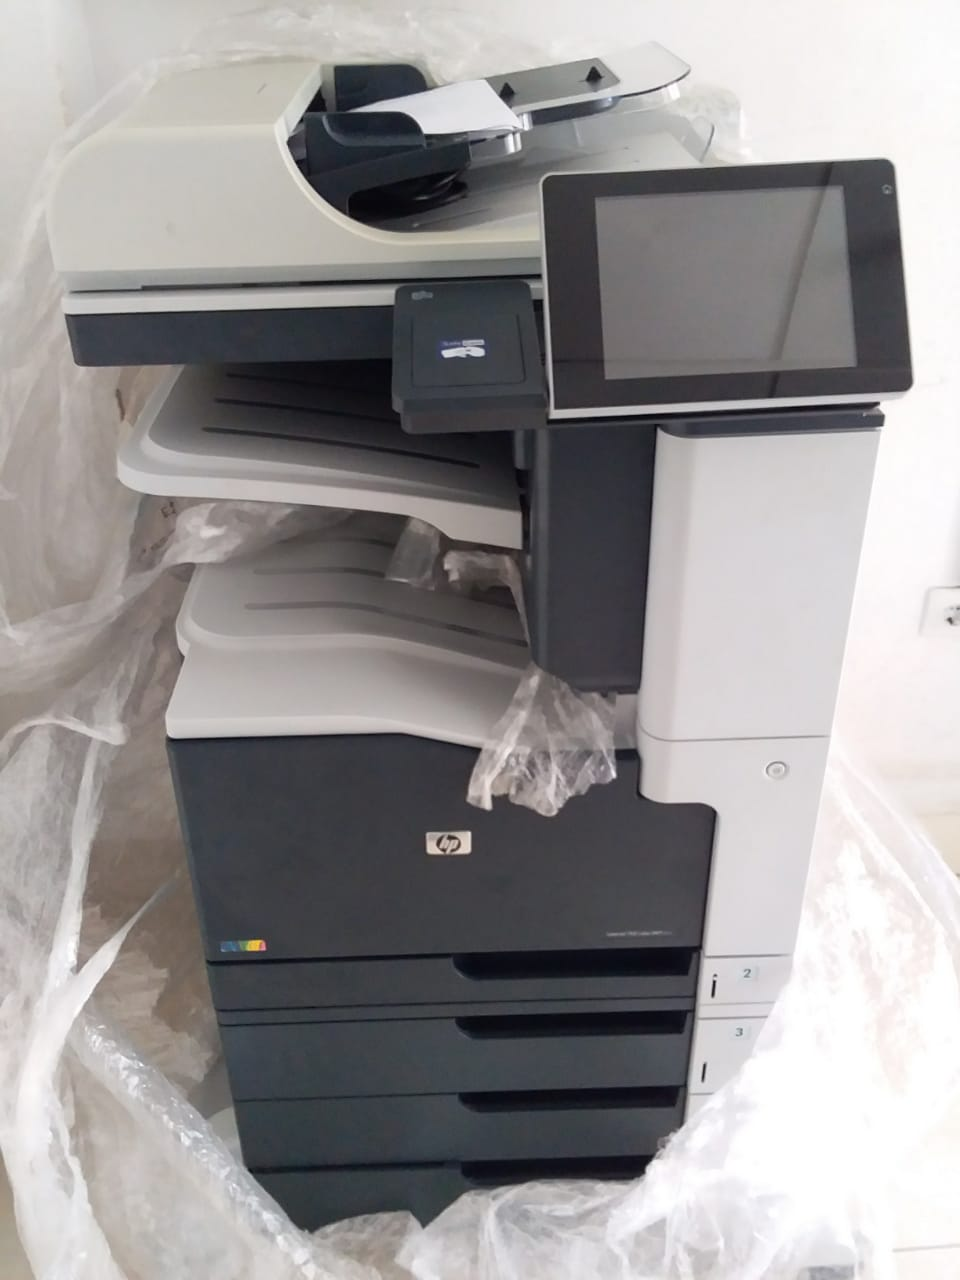 IMPRESSORA HP MFP  M775 SUPORTA A3 COLOR